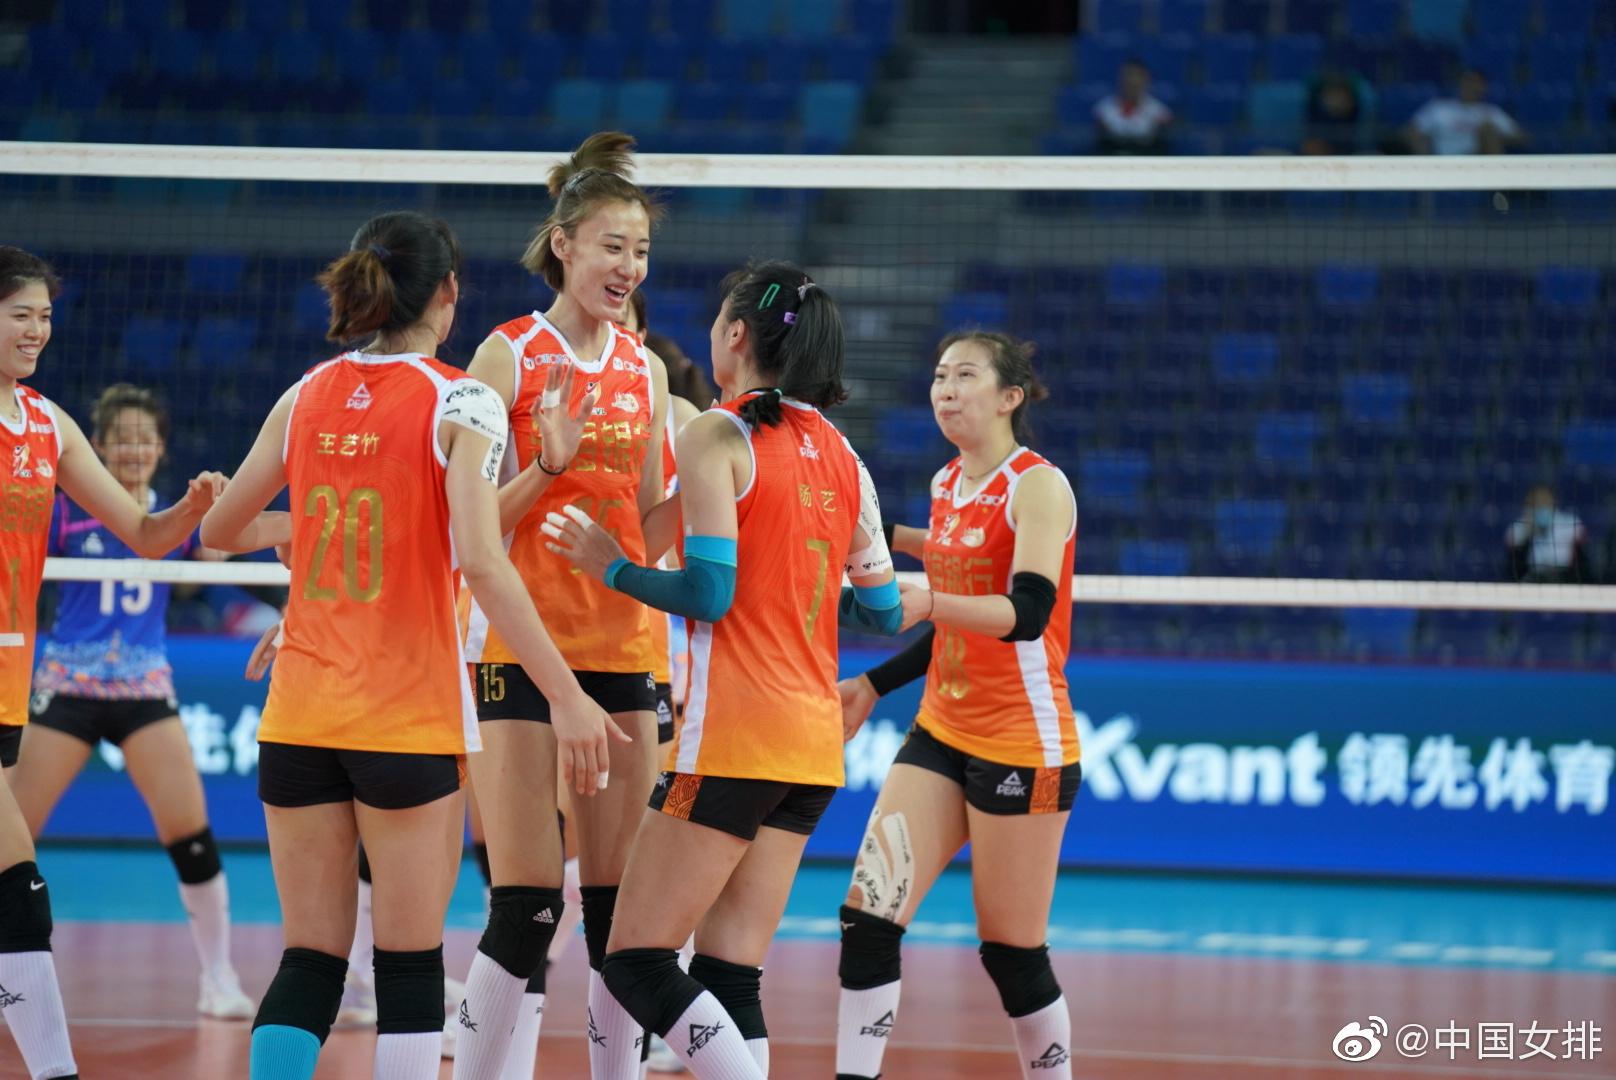 终止连败 状态回暖 天津女排3-1逆转北京